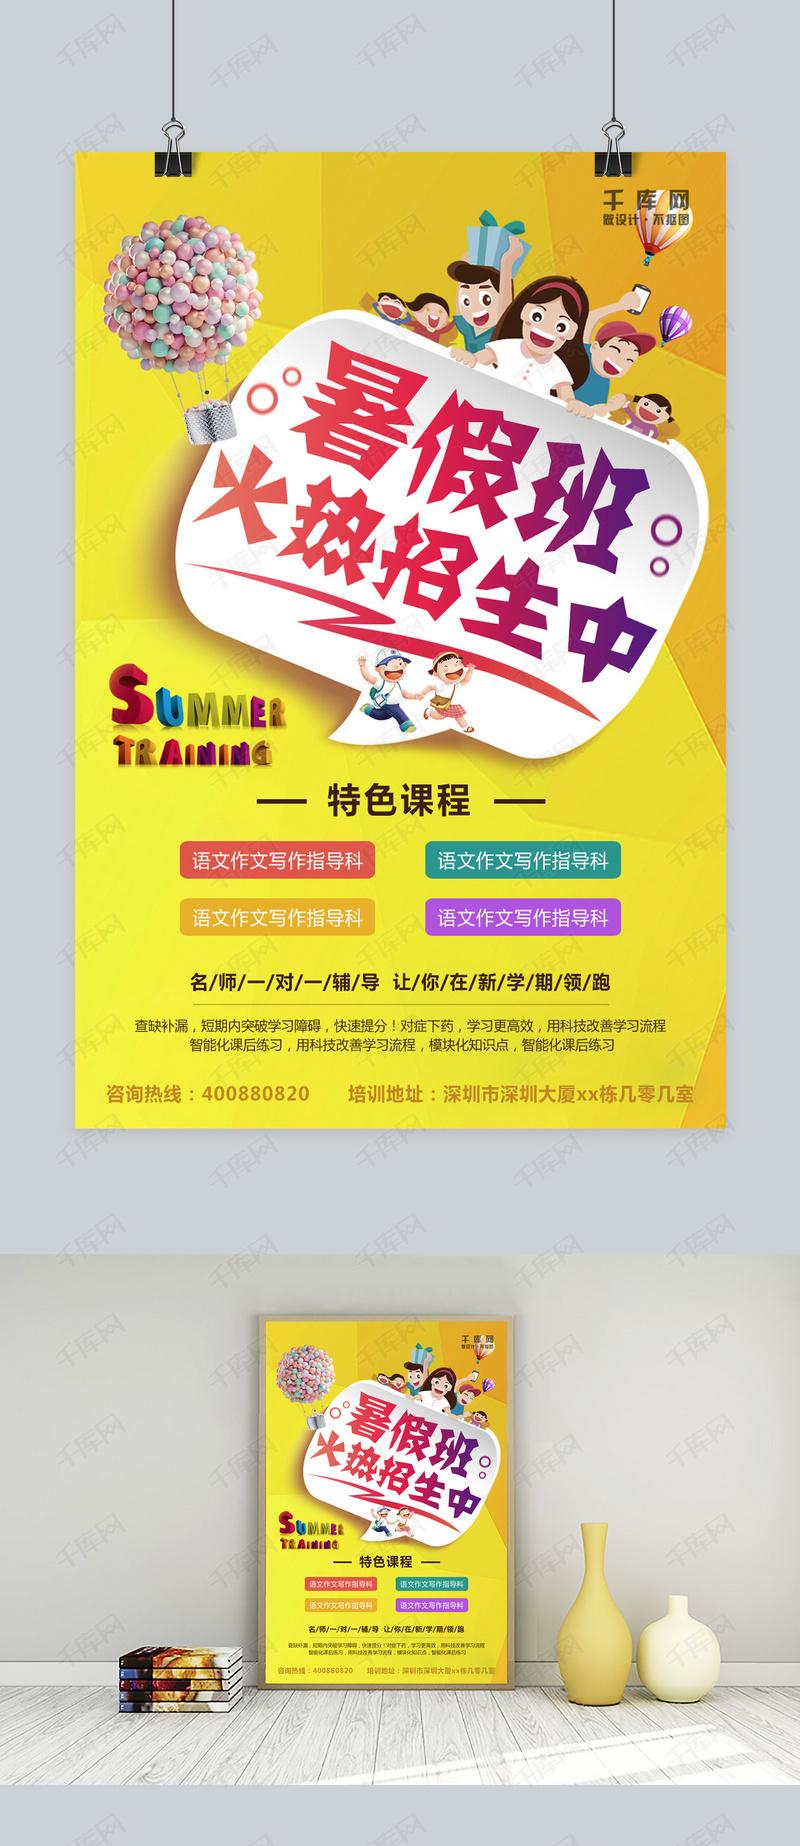 千库网原创简约风暑期补习班暑假班招生海报